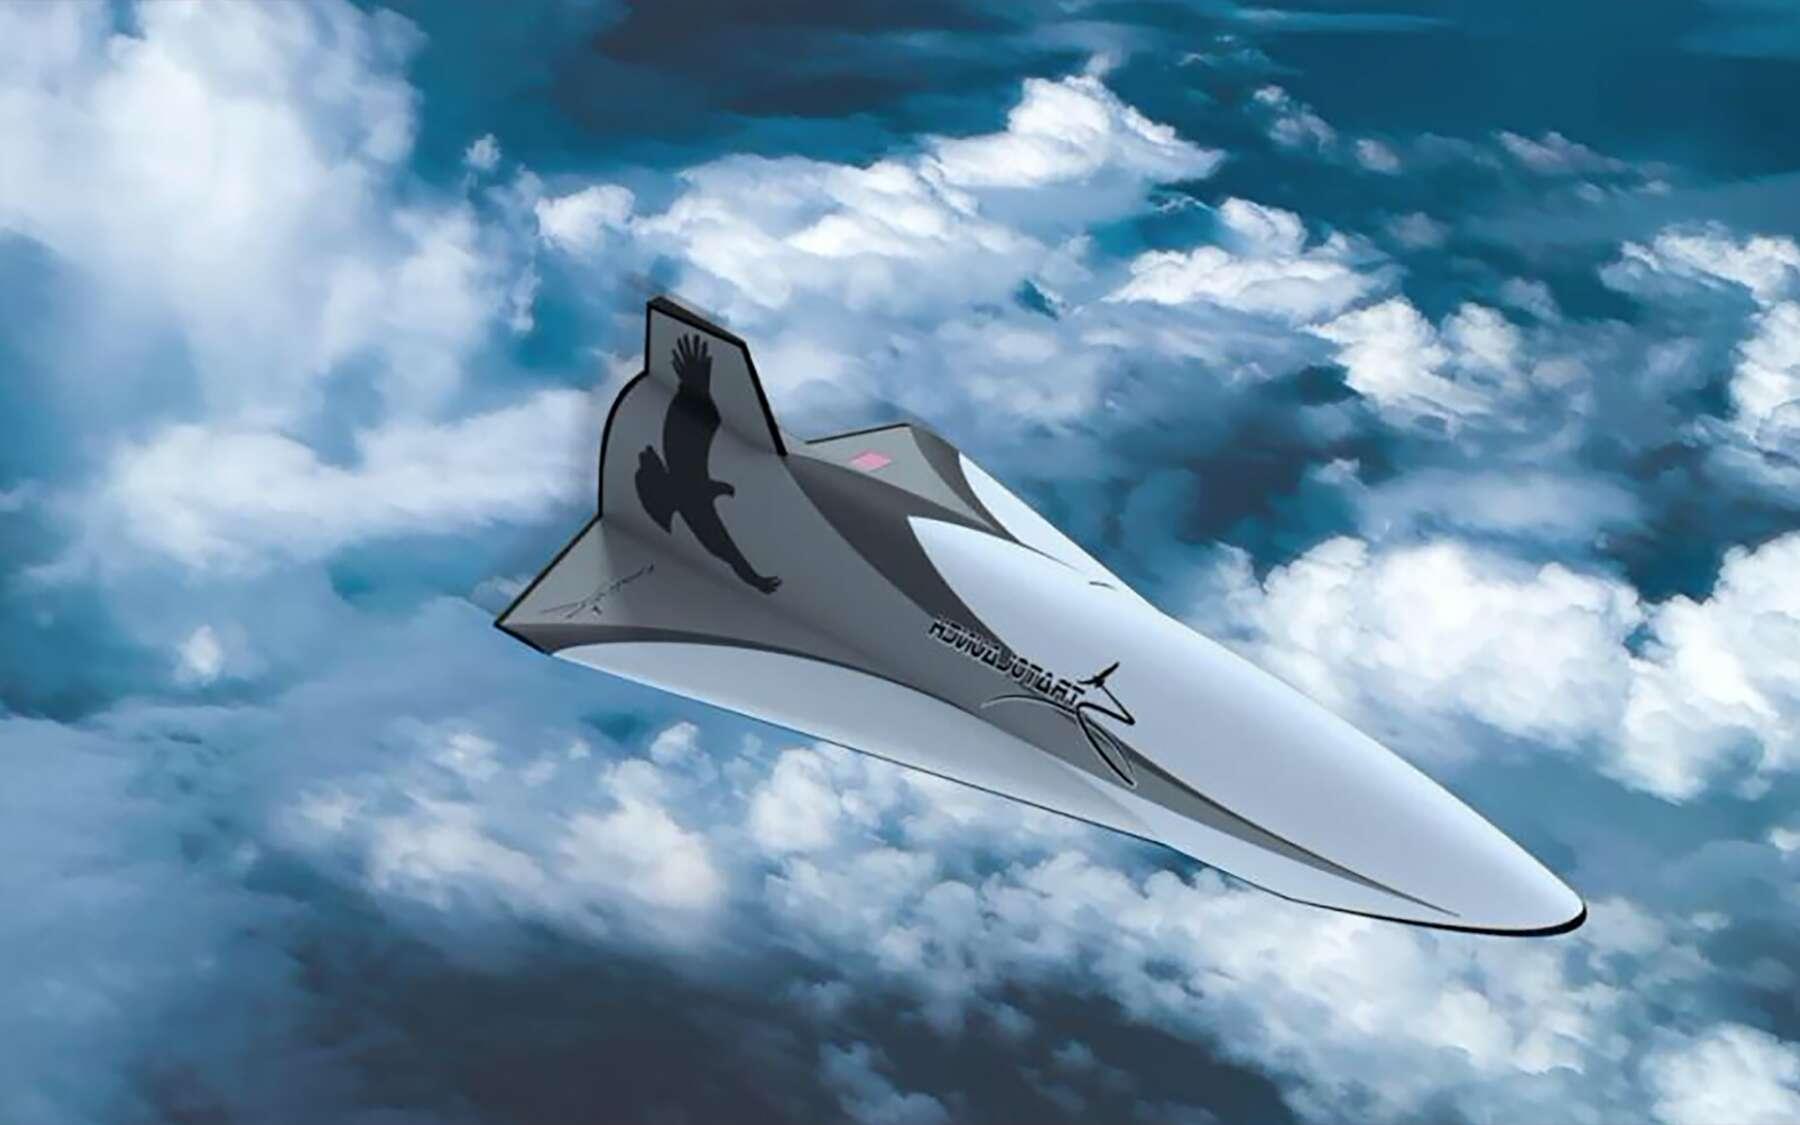 Stratolaunch dévoile un programme d'avions hypersoniques